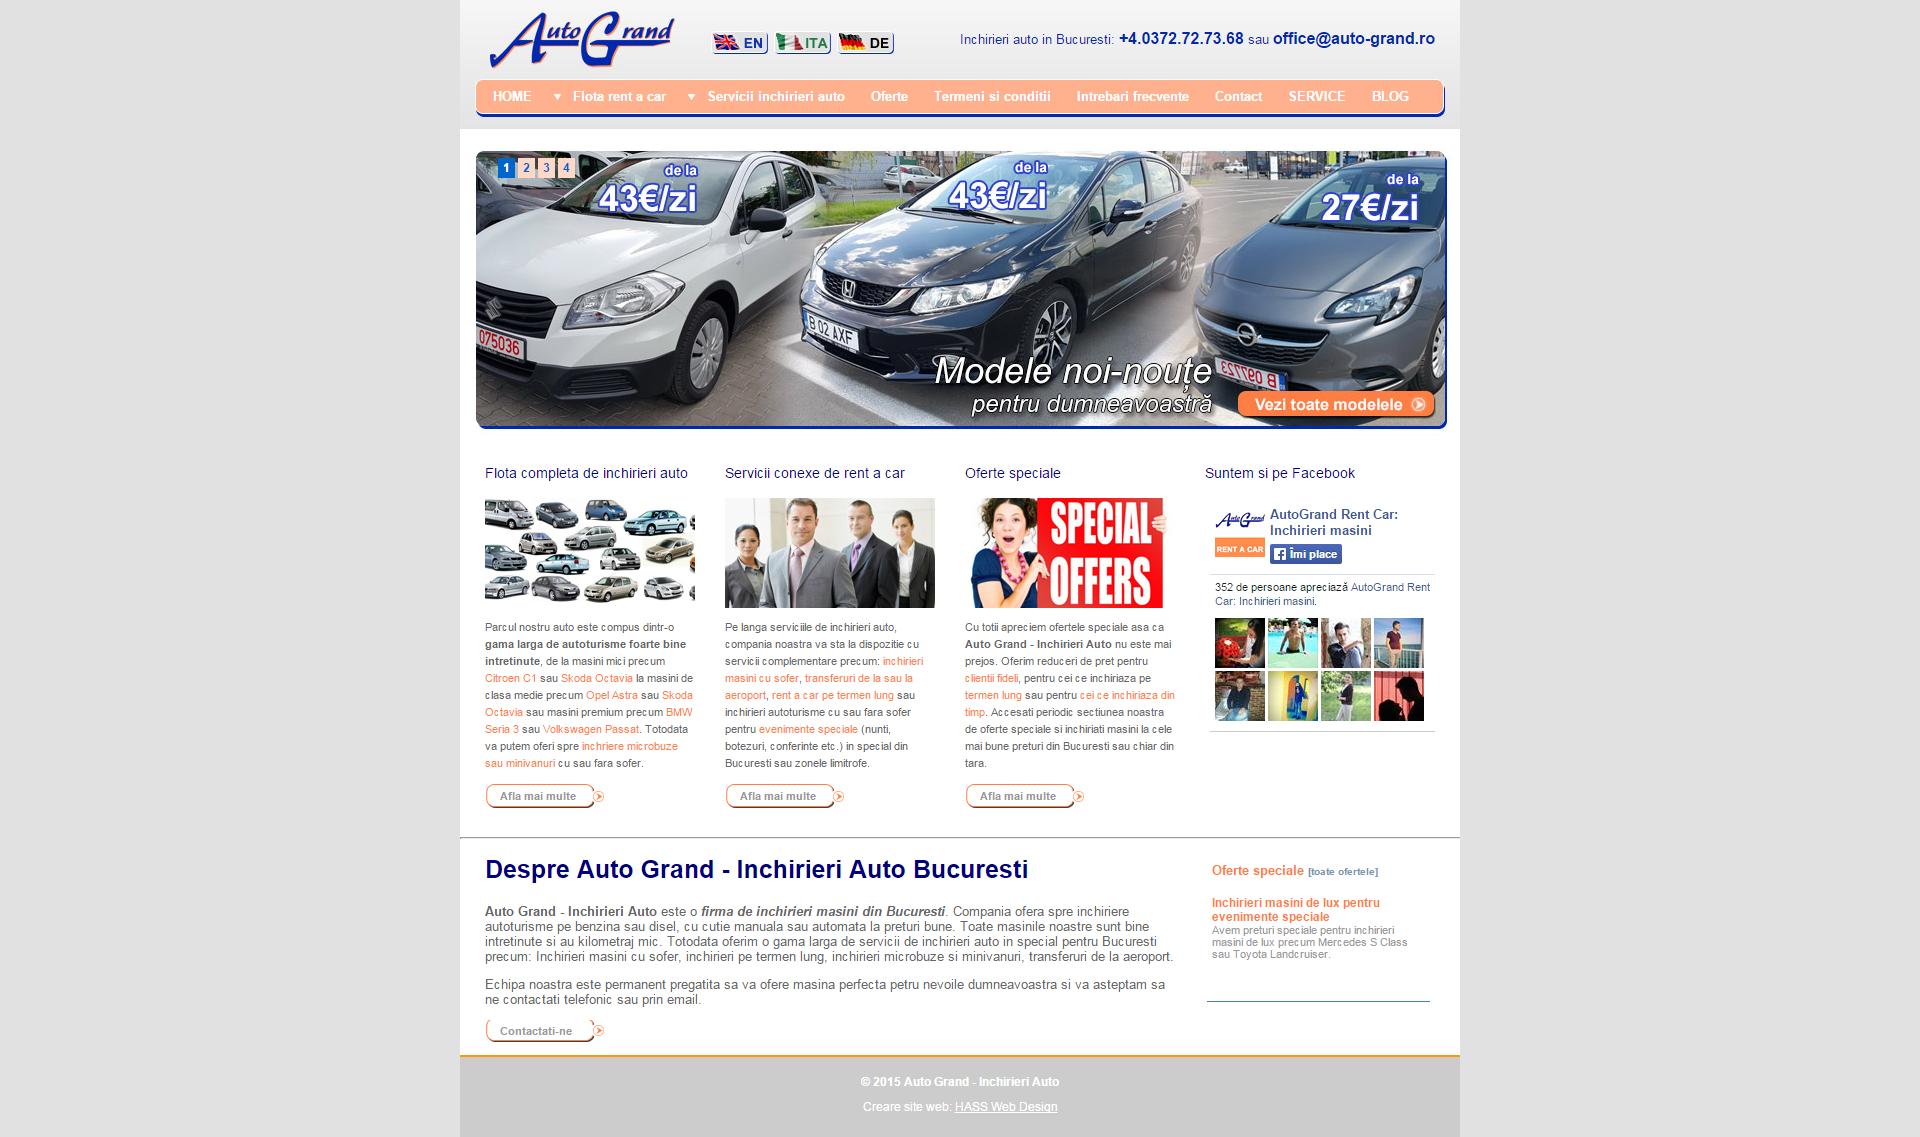 Auto Grand - Inchirieri Auto este o firma de inchirieri masini din Bucuresti